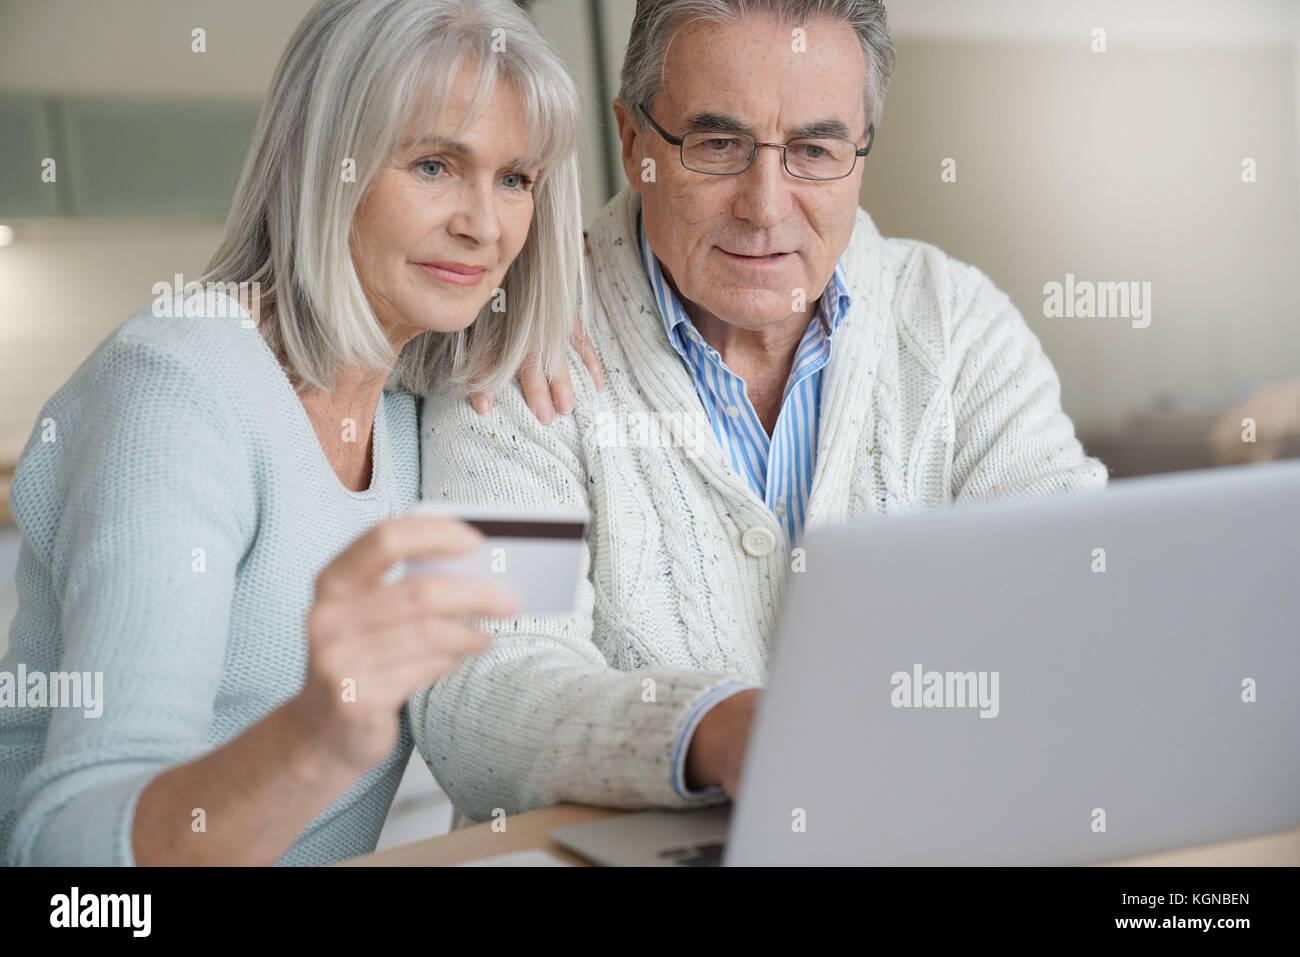 Coppia senior acquisti su internet con carta di credito Immagini Stock